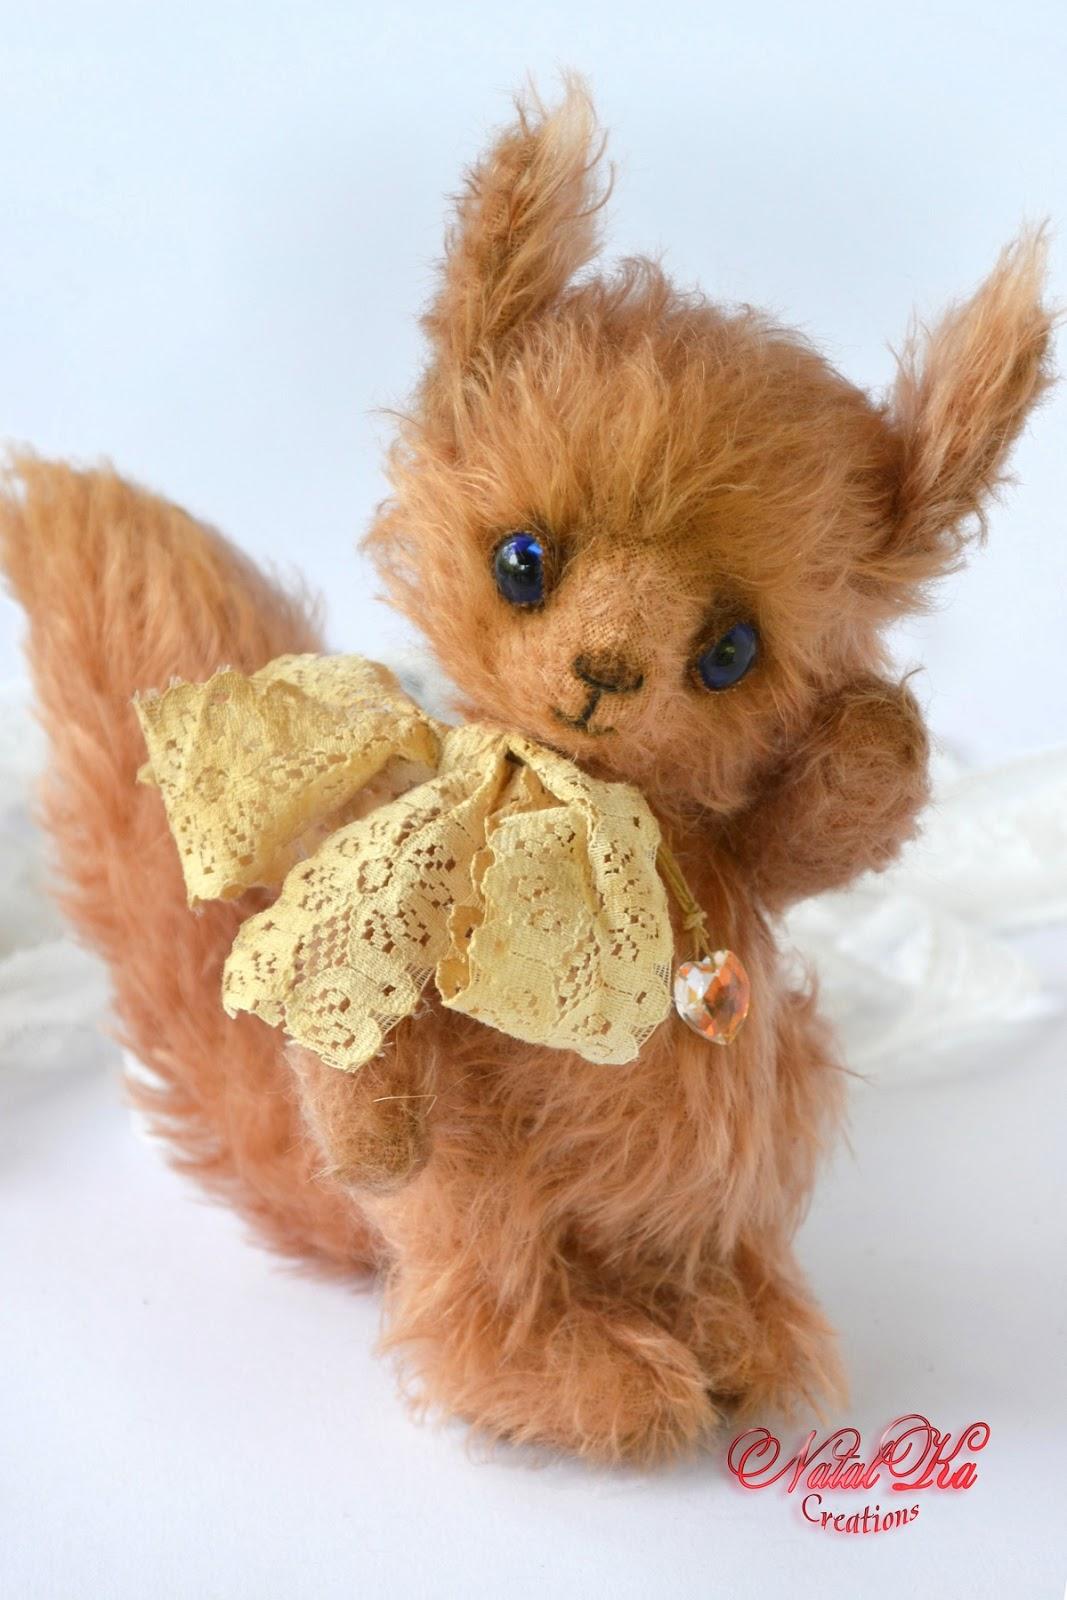 Artist teddy squirrel by Natalka Creations. Künstler Eichhörnchen von Natalka Creations. OOAK